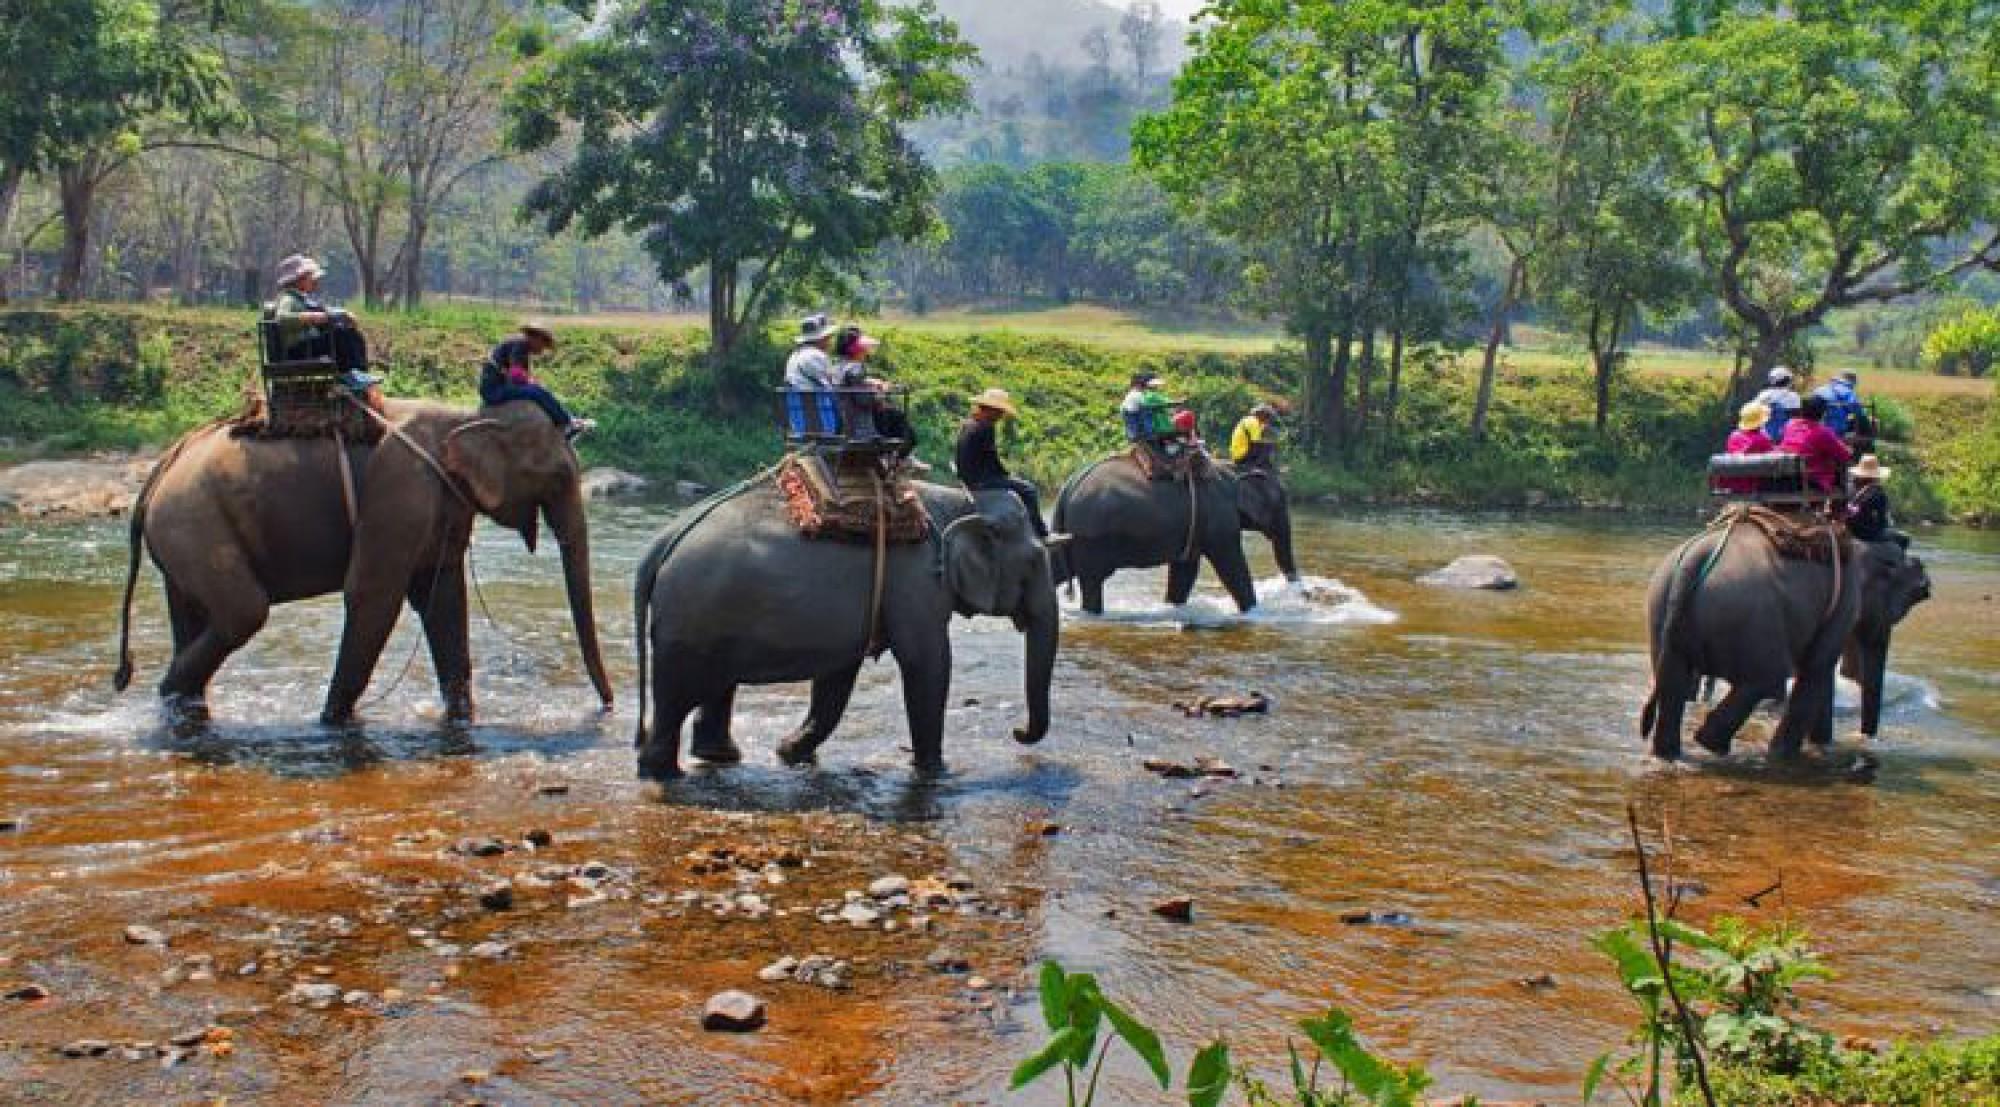 Jungle Safari In Chtiwan